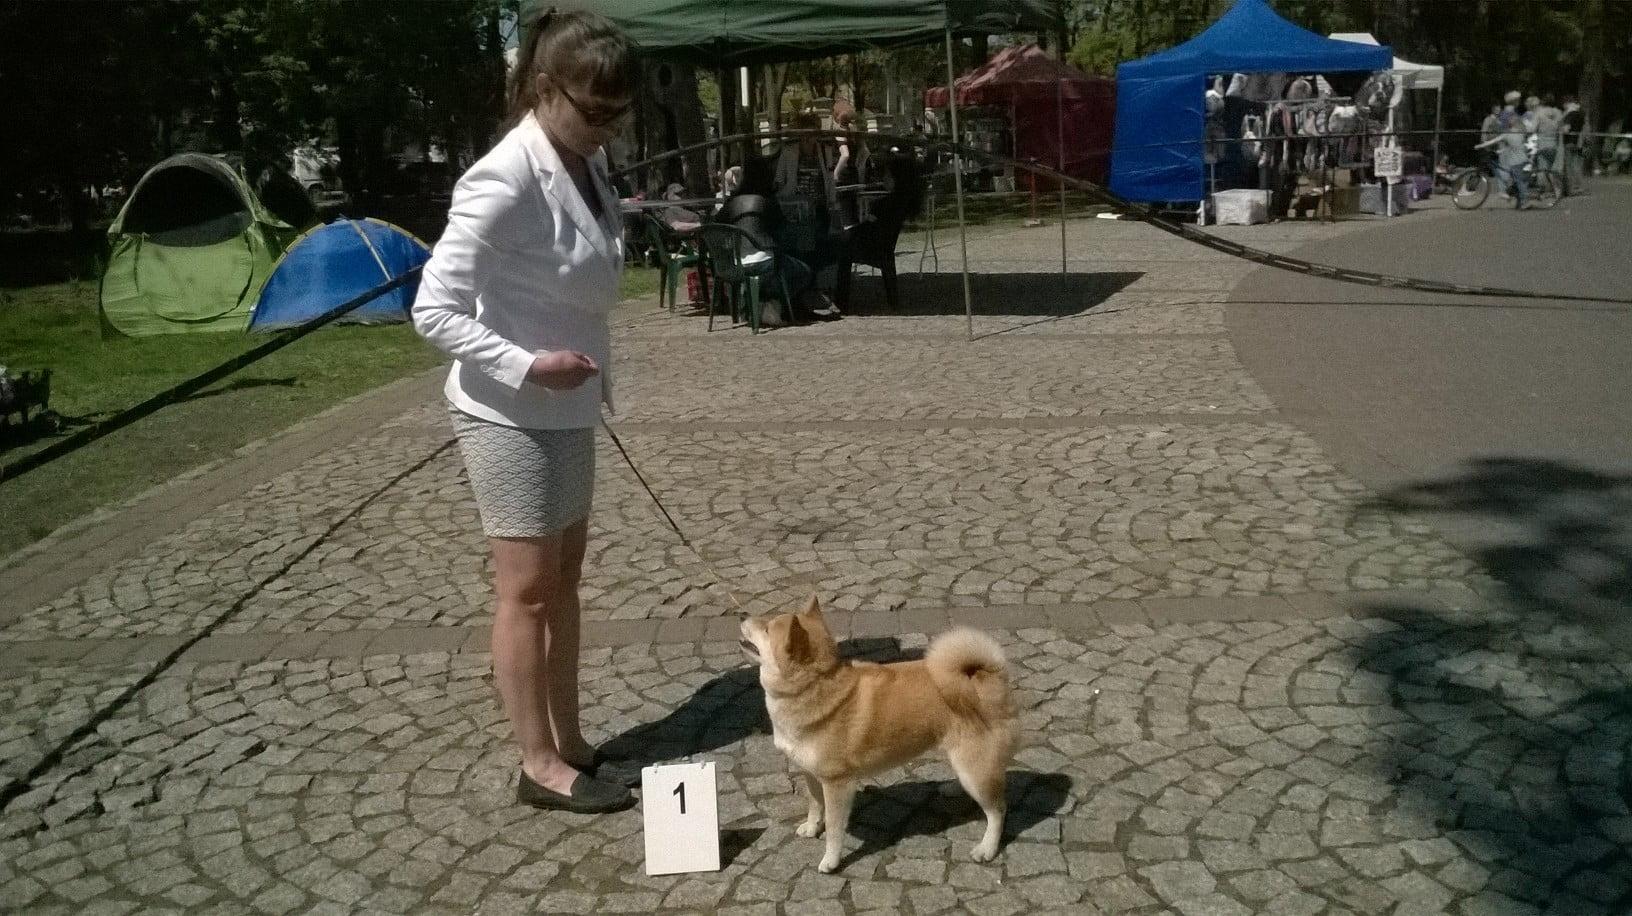 Krajowa wystawa psów grupy 5 i 9 w Mińsku Mazowieckim